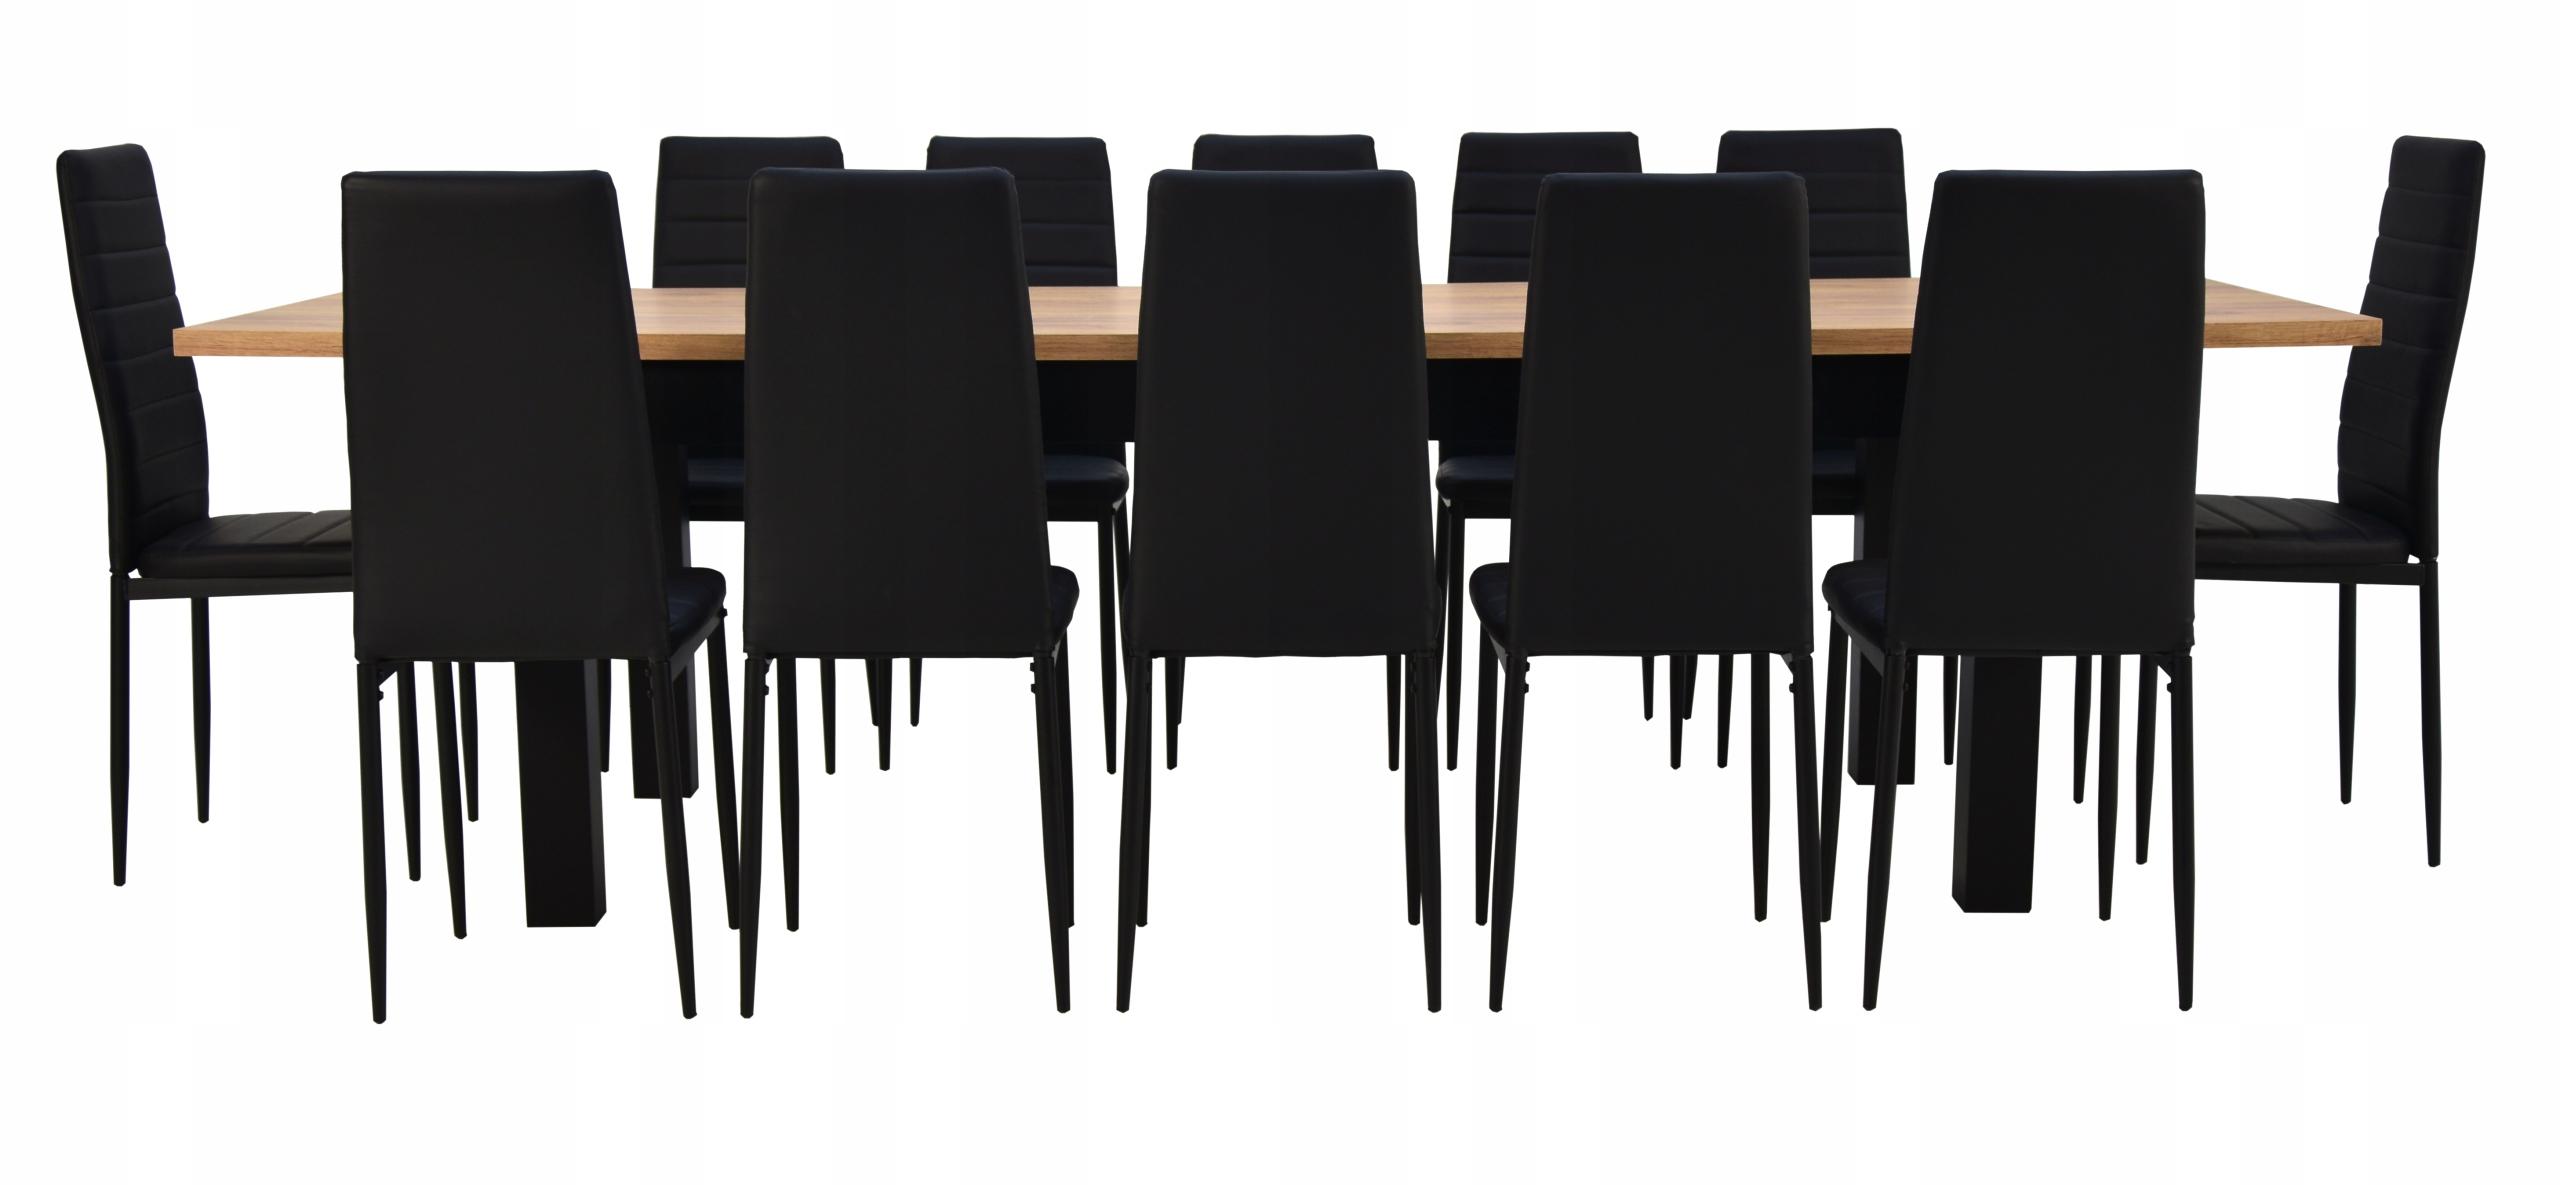 Duży stół drewniany 90x200/280 cm 12 krzeseł